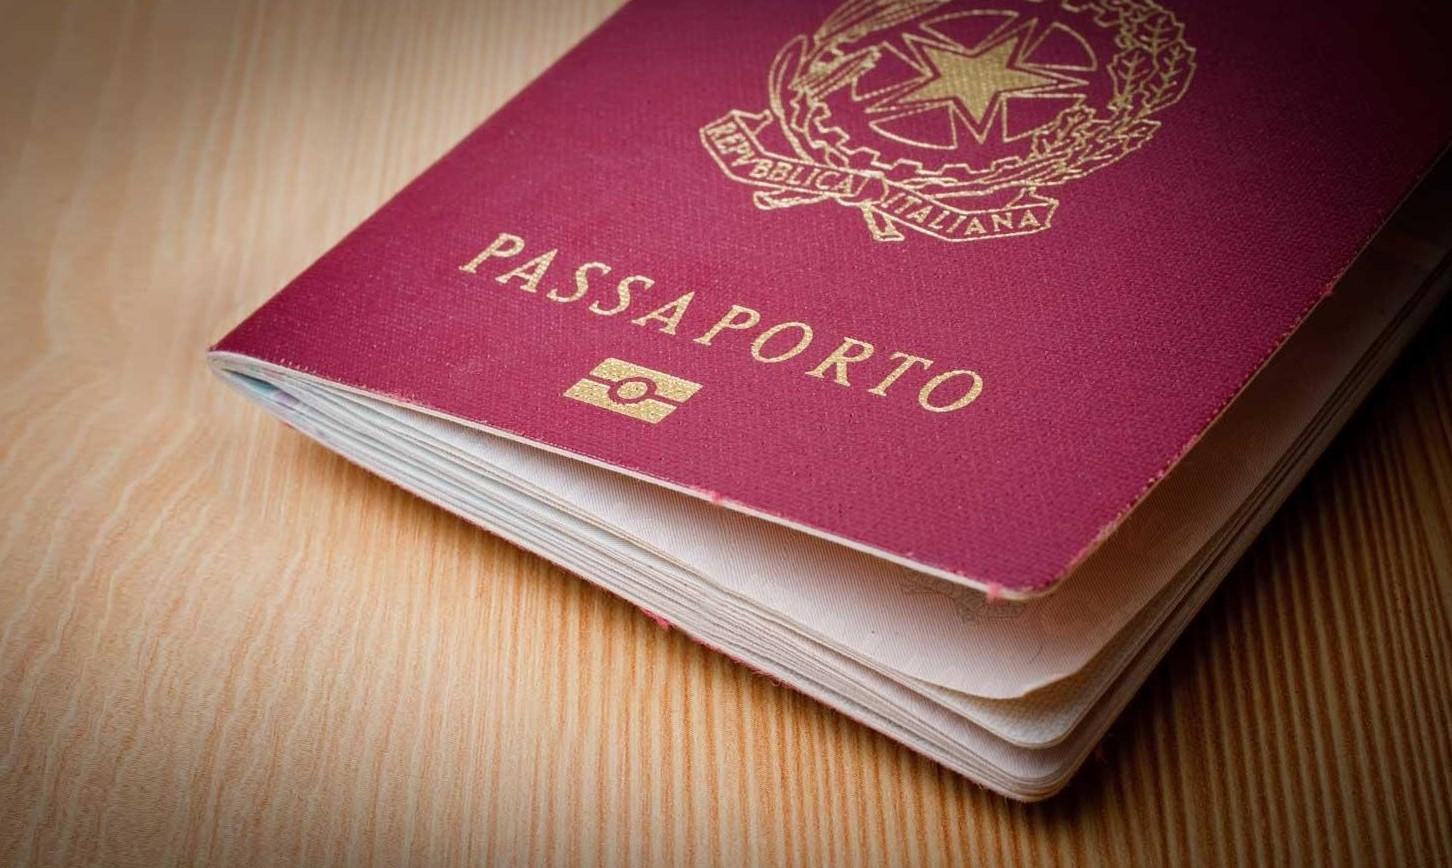 passaporto italiano argentina bahia blanca